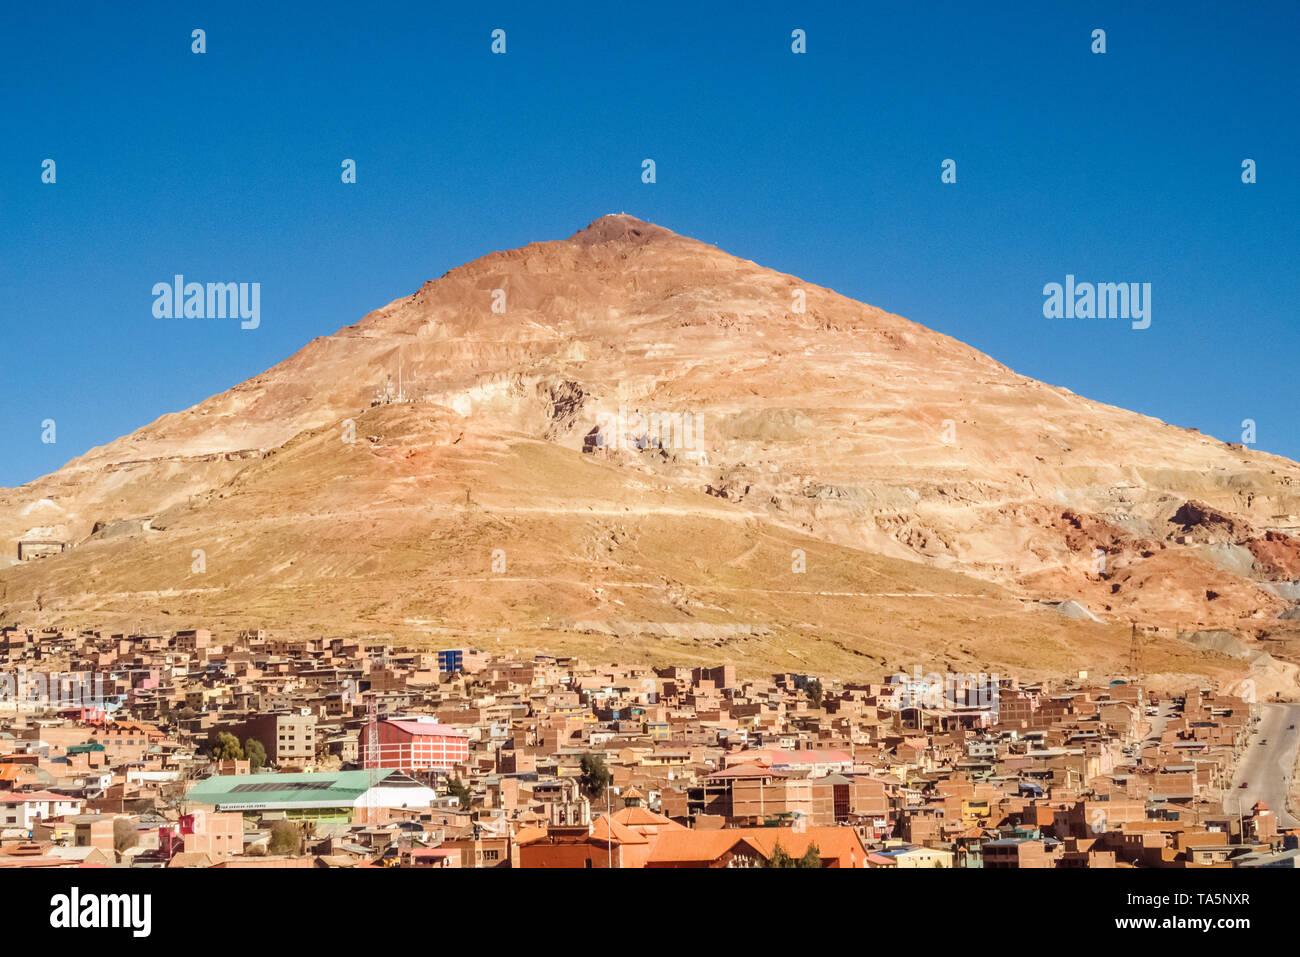 Mountain Cerro Rico in the city of Potosi, silver mine in Bolivia. Cityscape - Stock Image